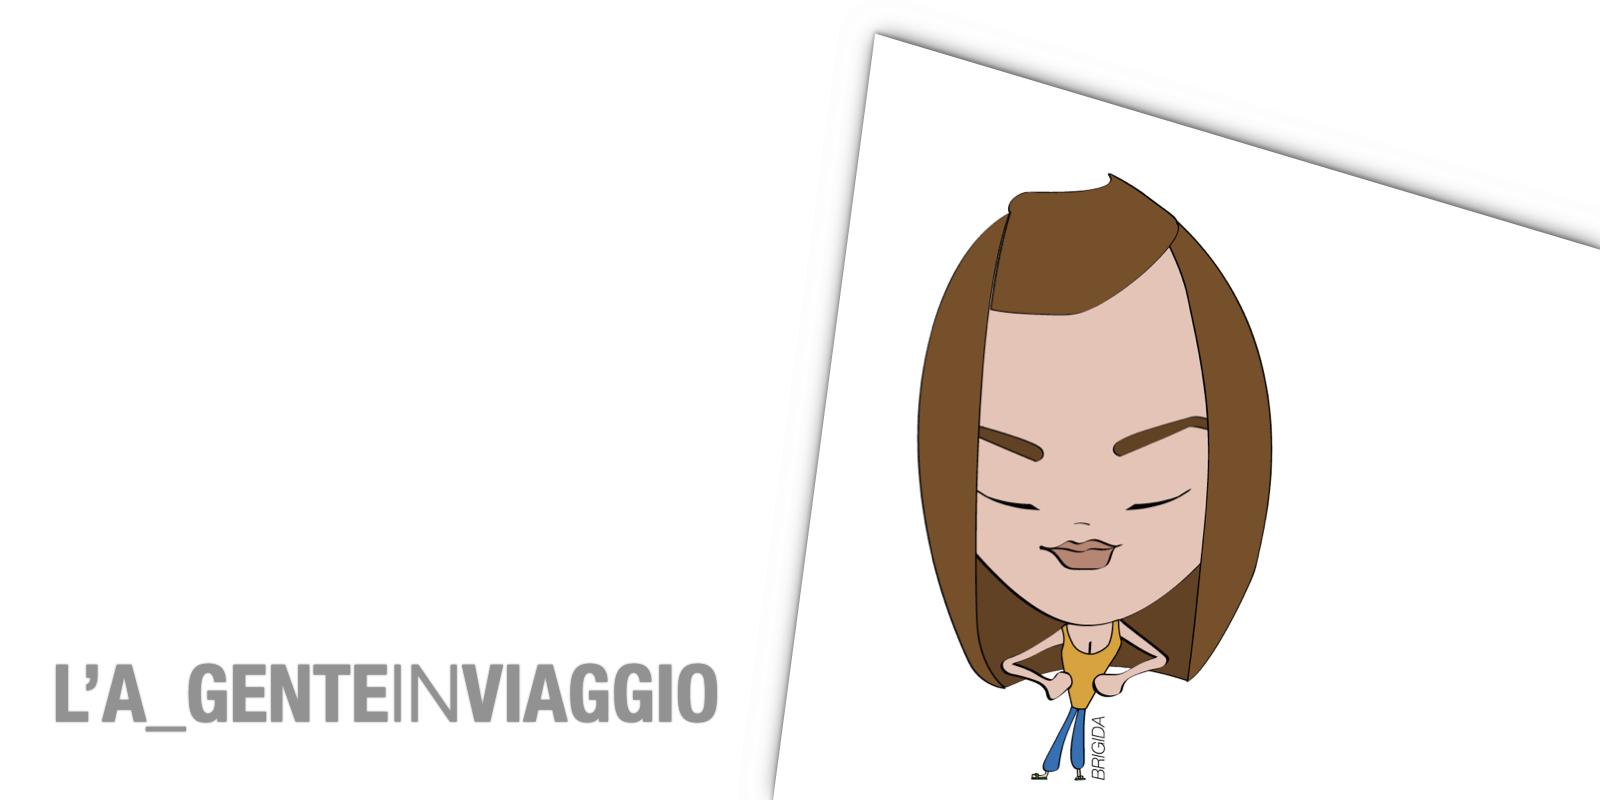 l'a_genteinviaggio-brigida falanga